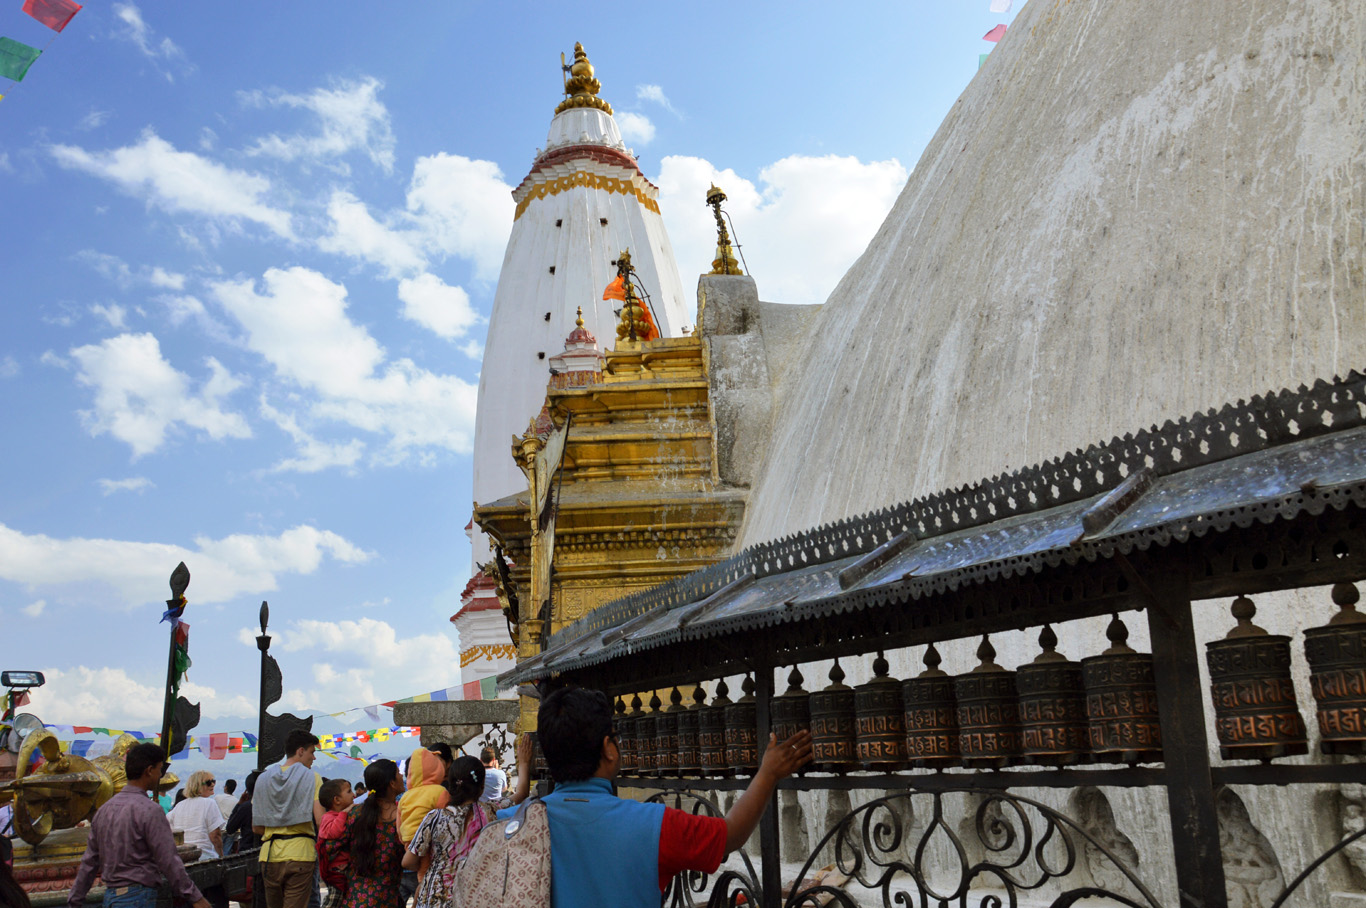 Prayer wheels at Swayambhu Stupa